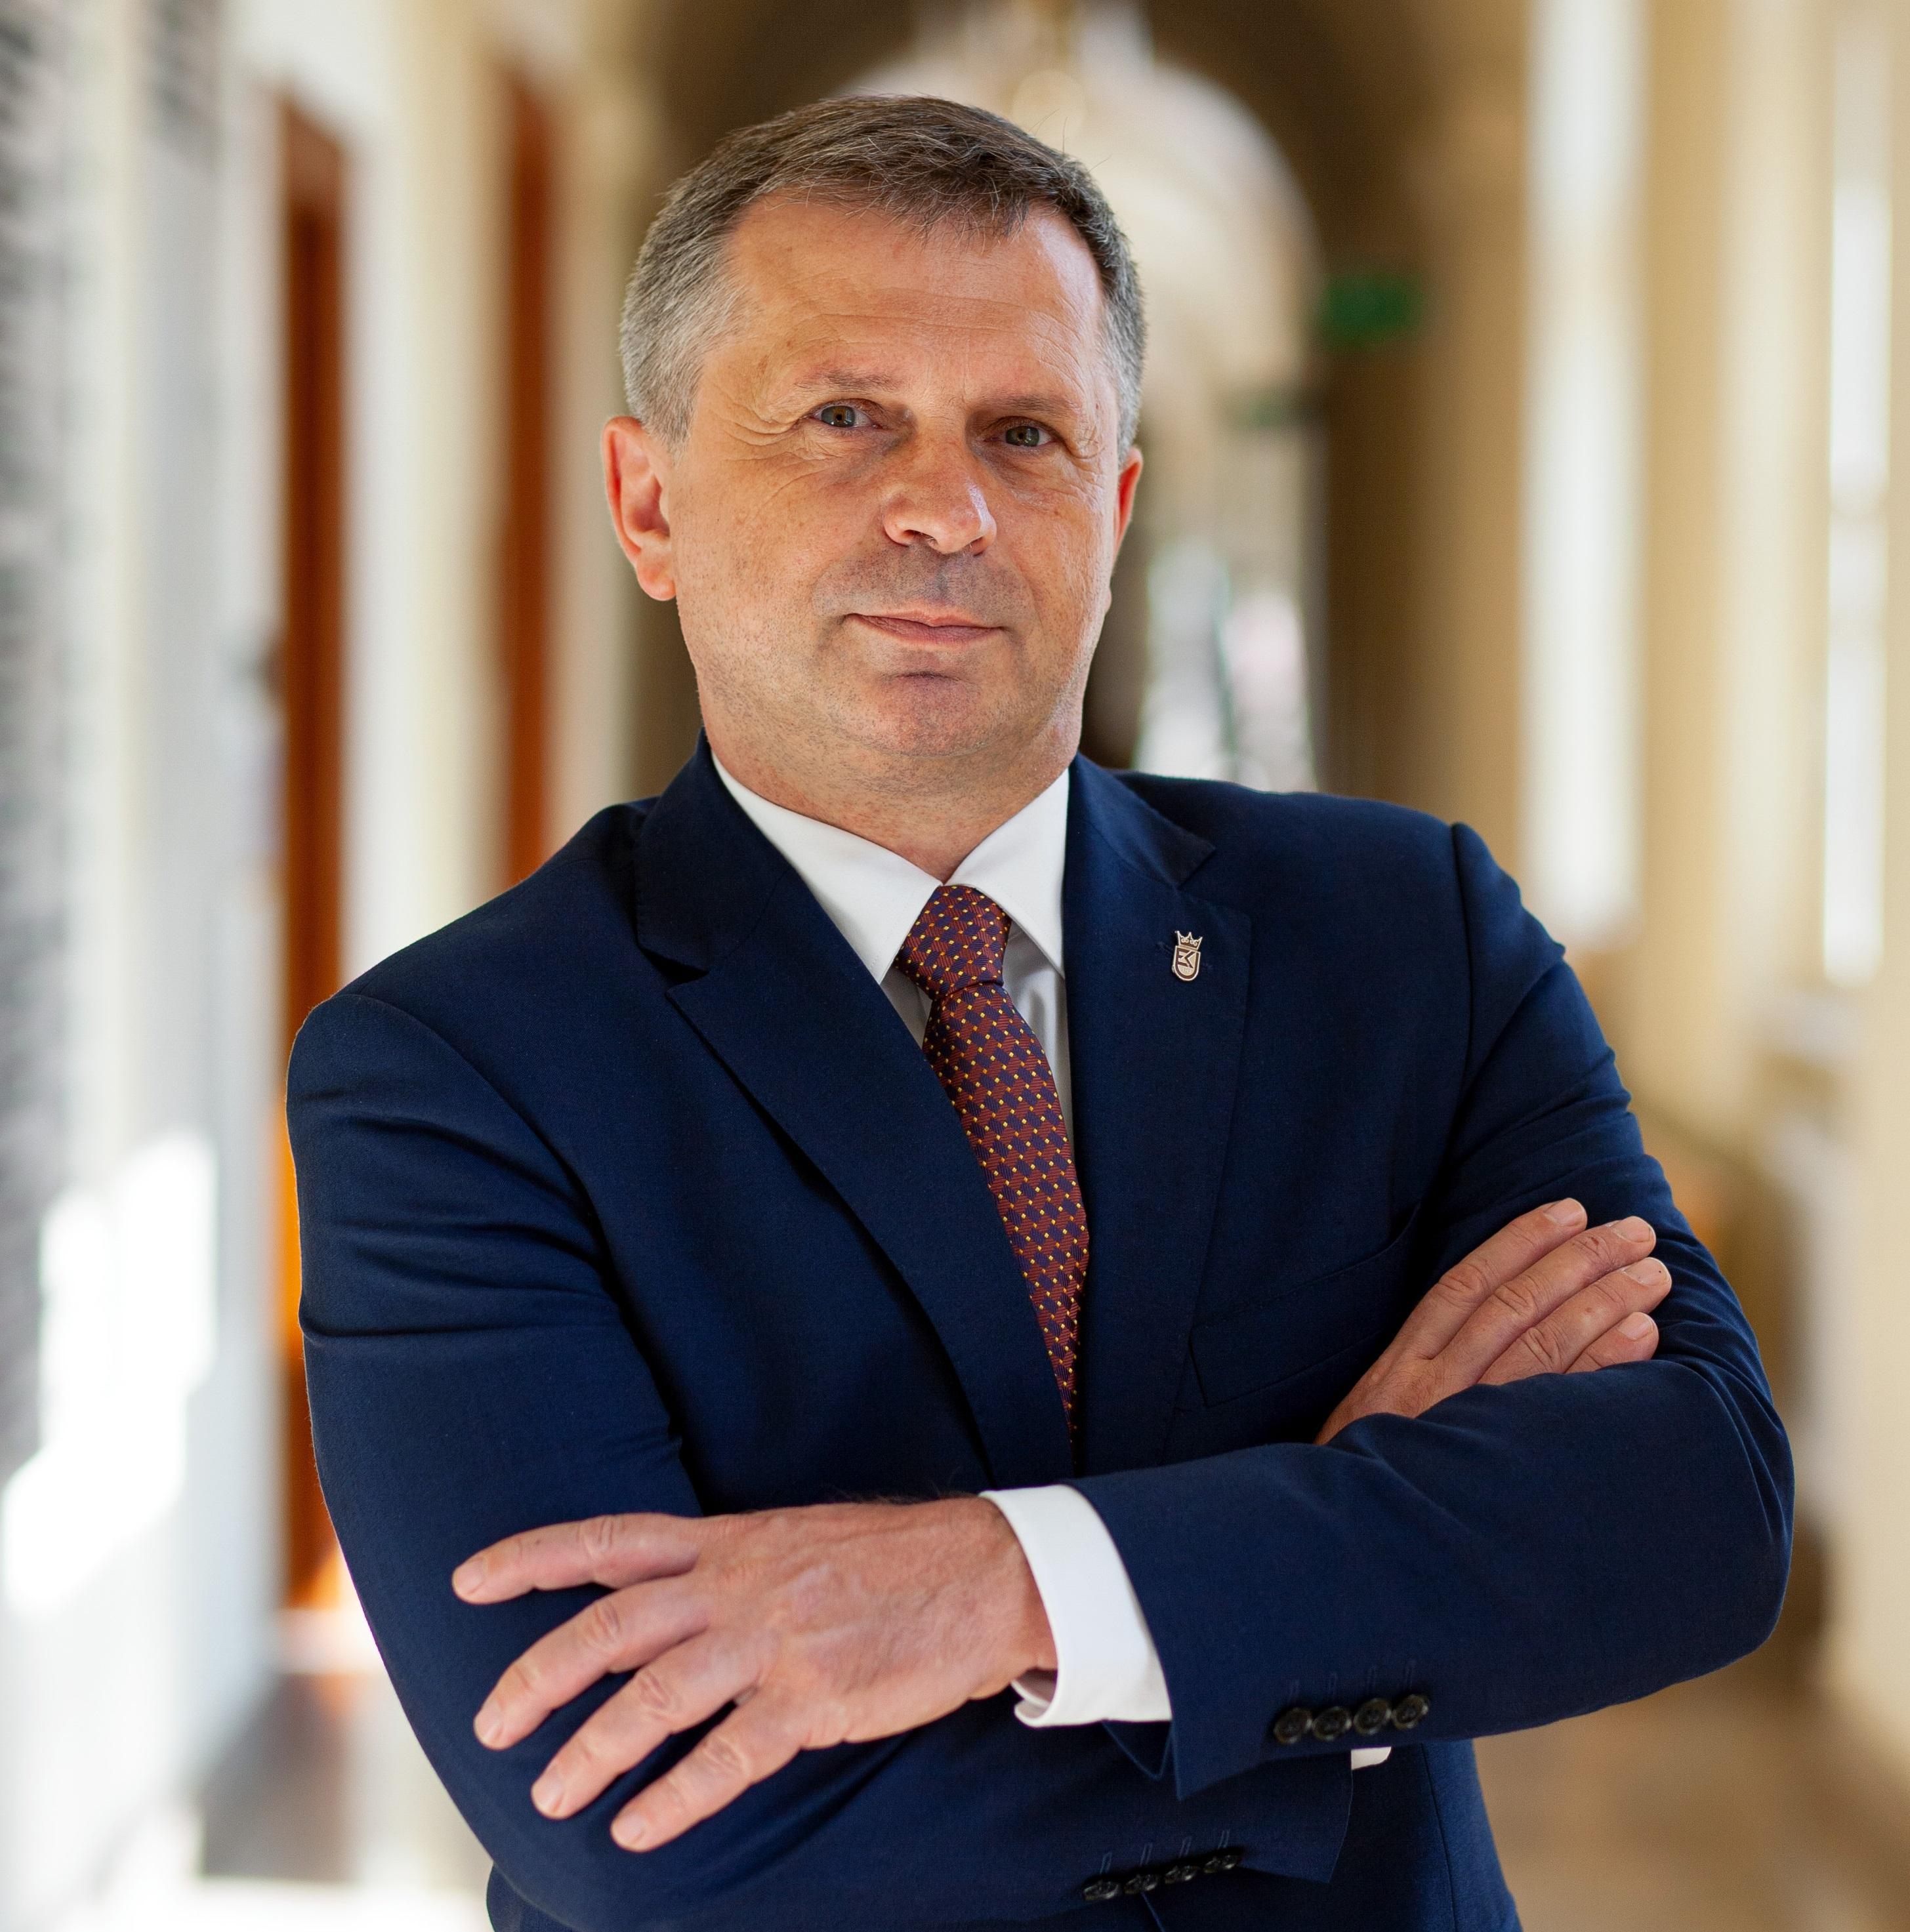 JM Prof. UEK dr hab. Stanisław Mazur